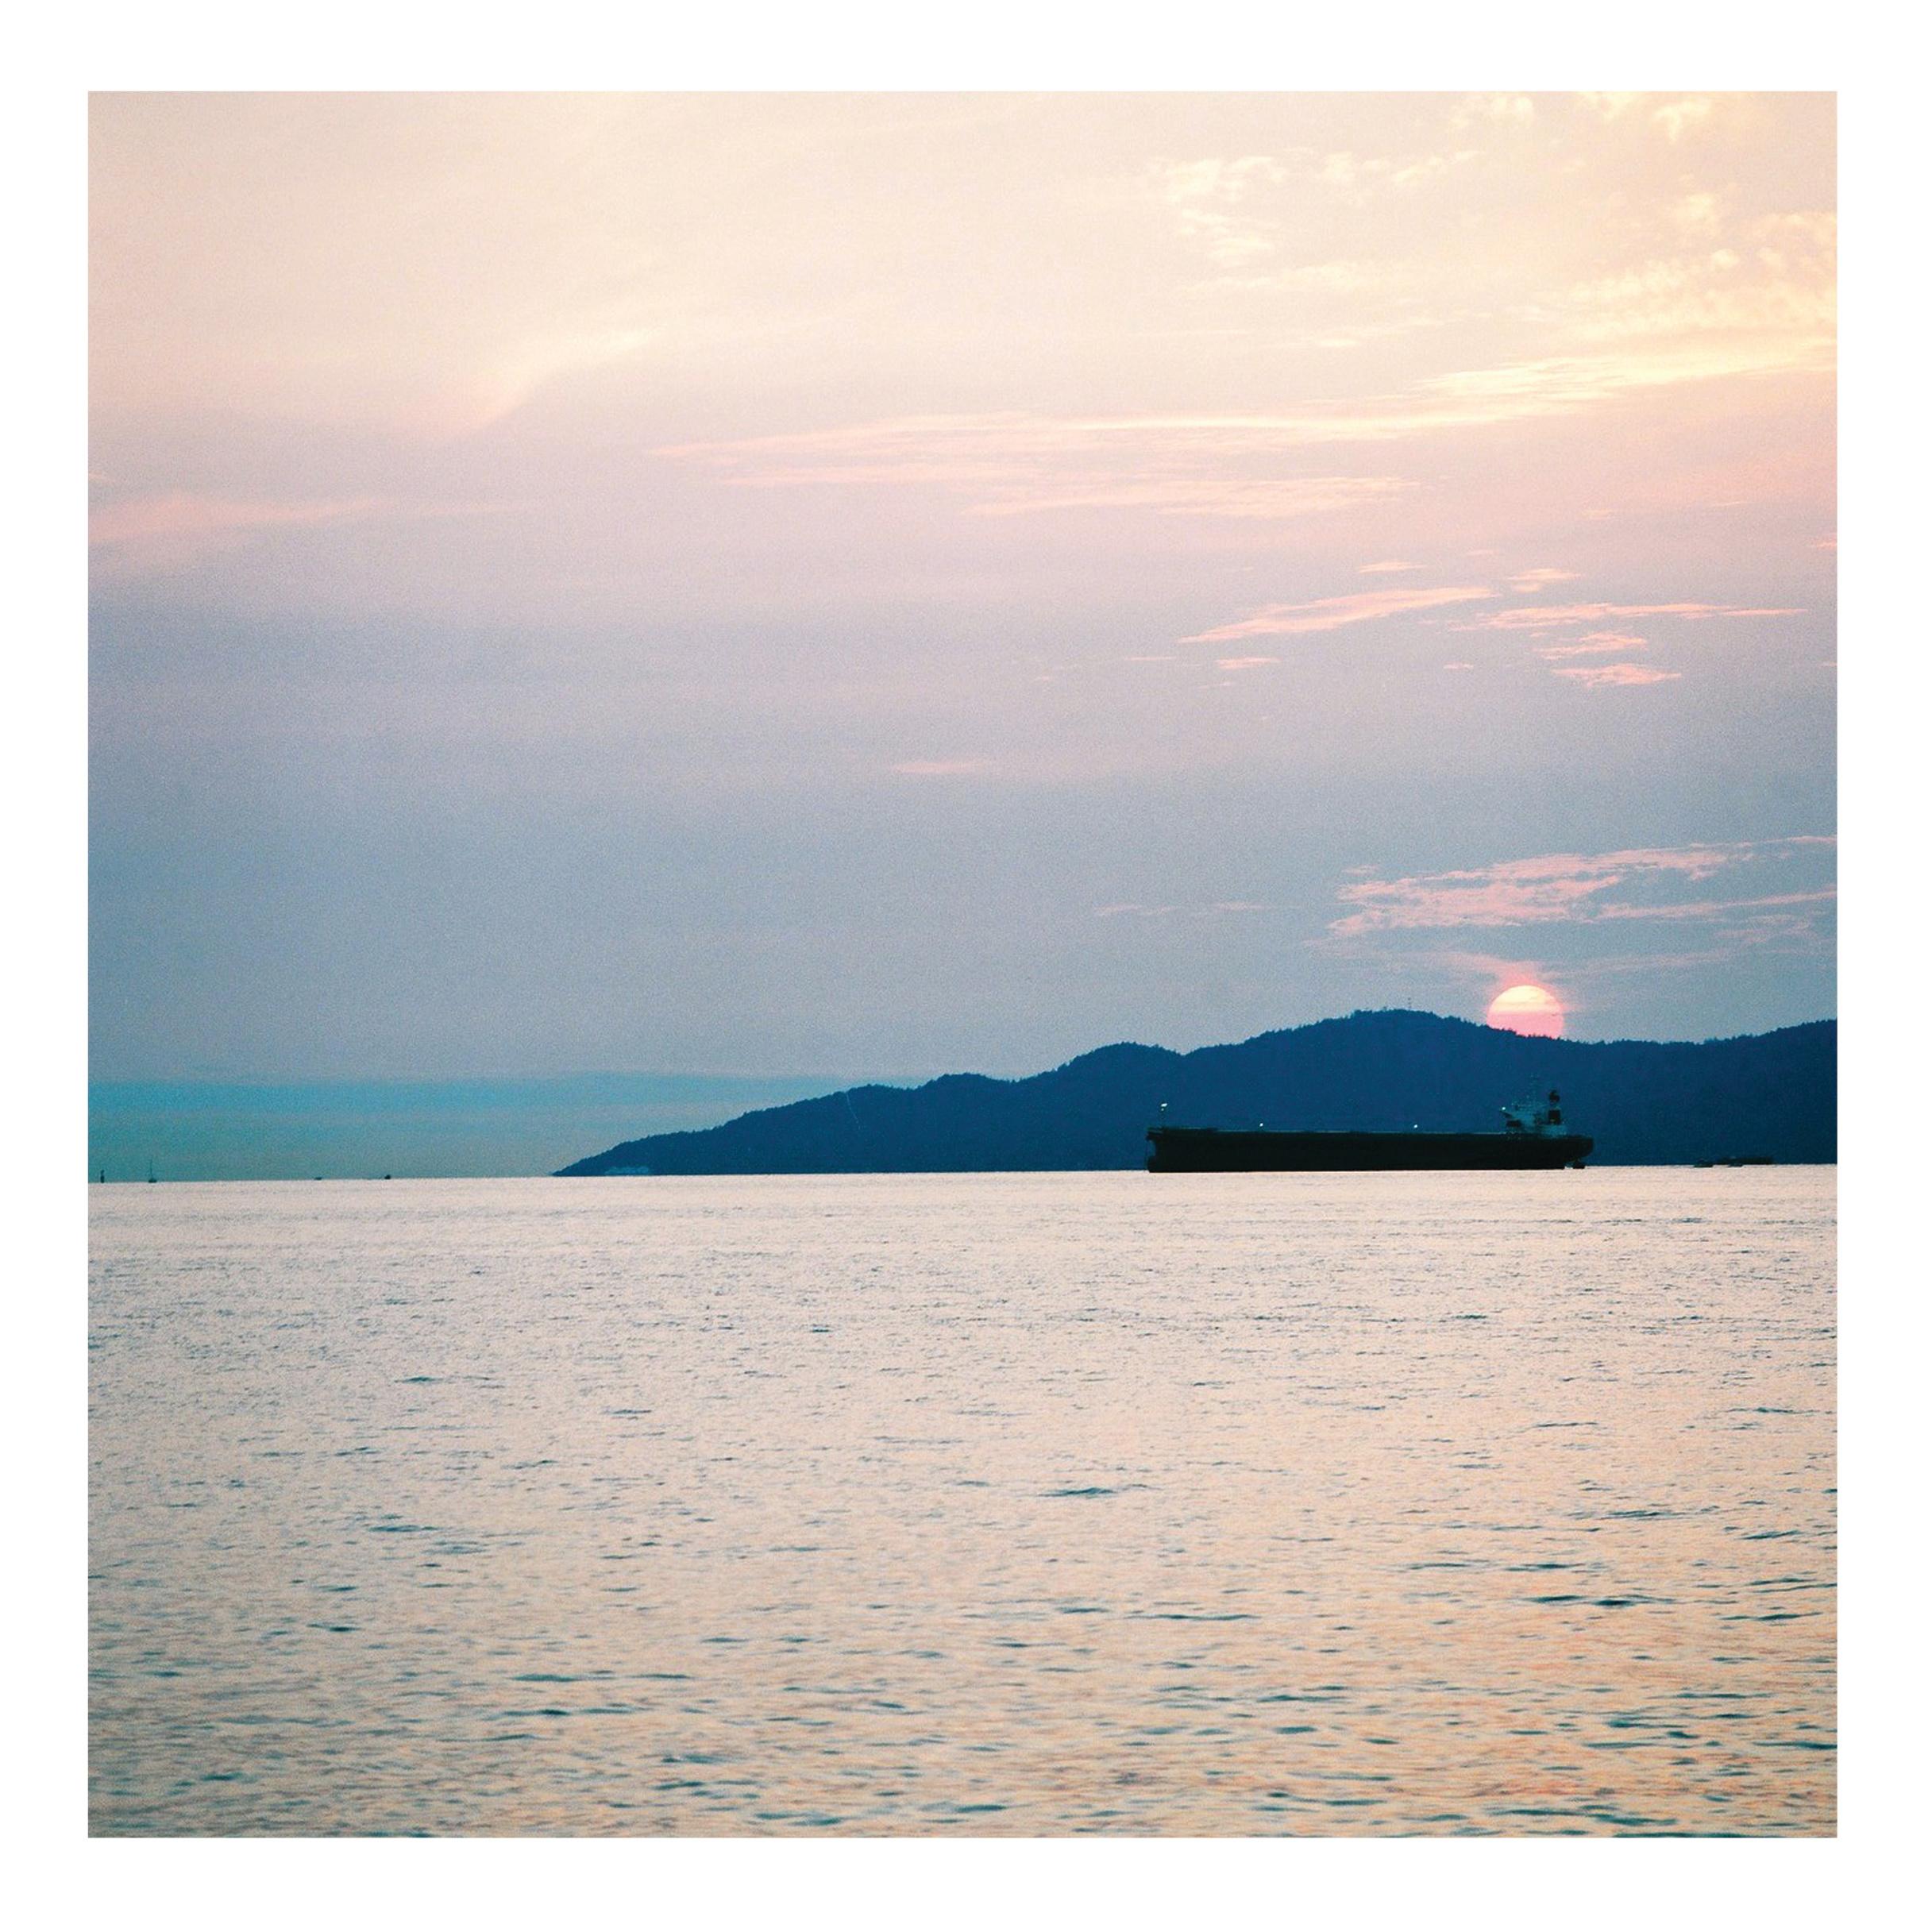 165. 태평양의 석양